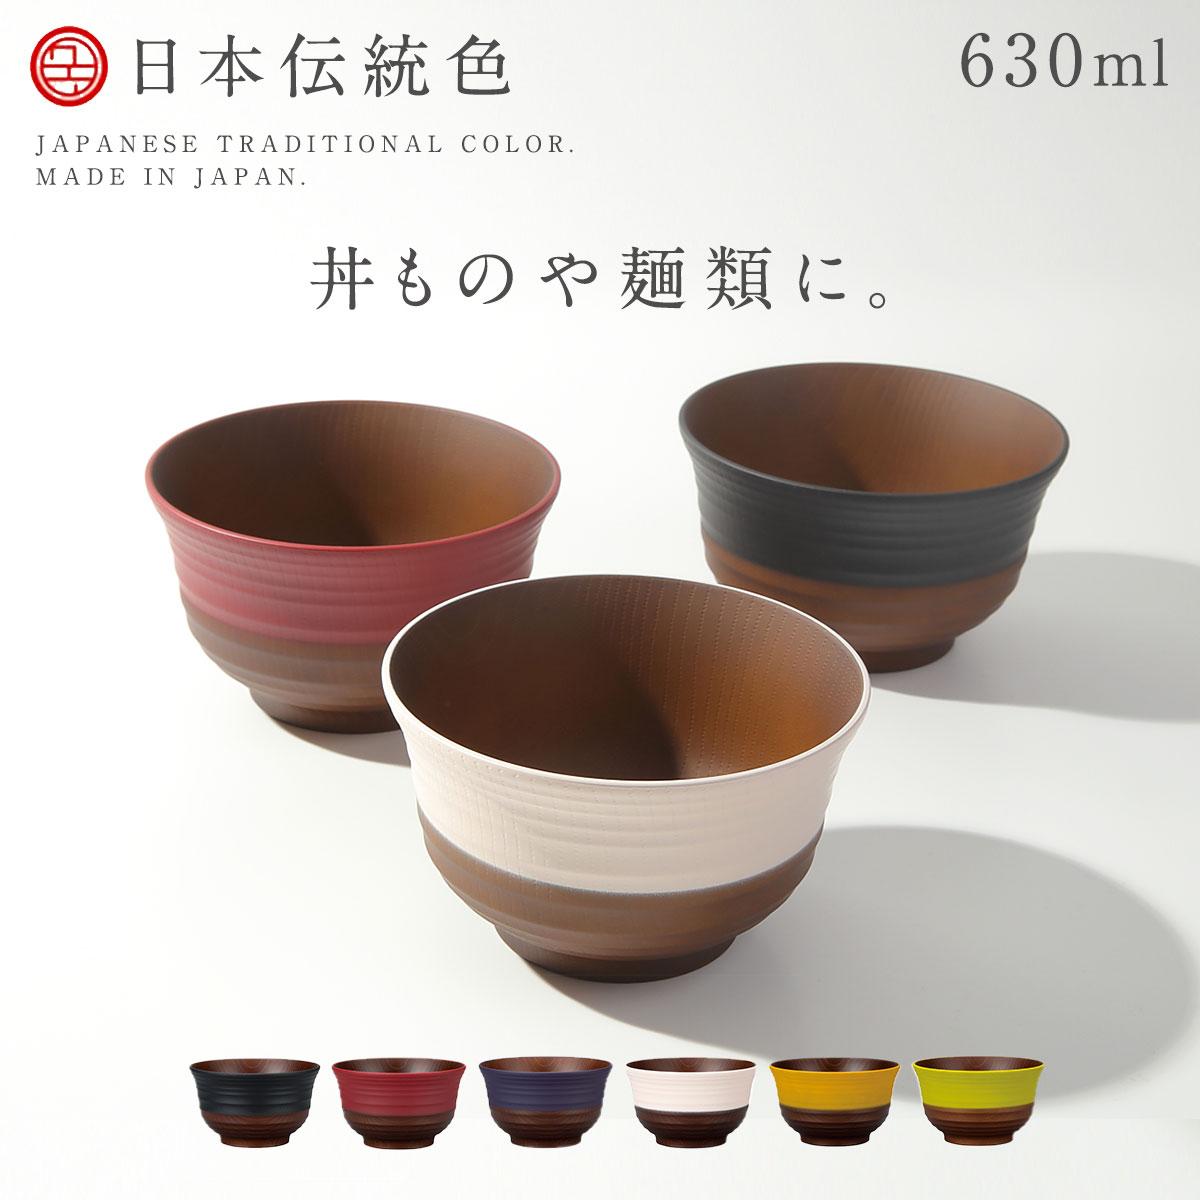 日本伝統色 羽反 塗分丼